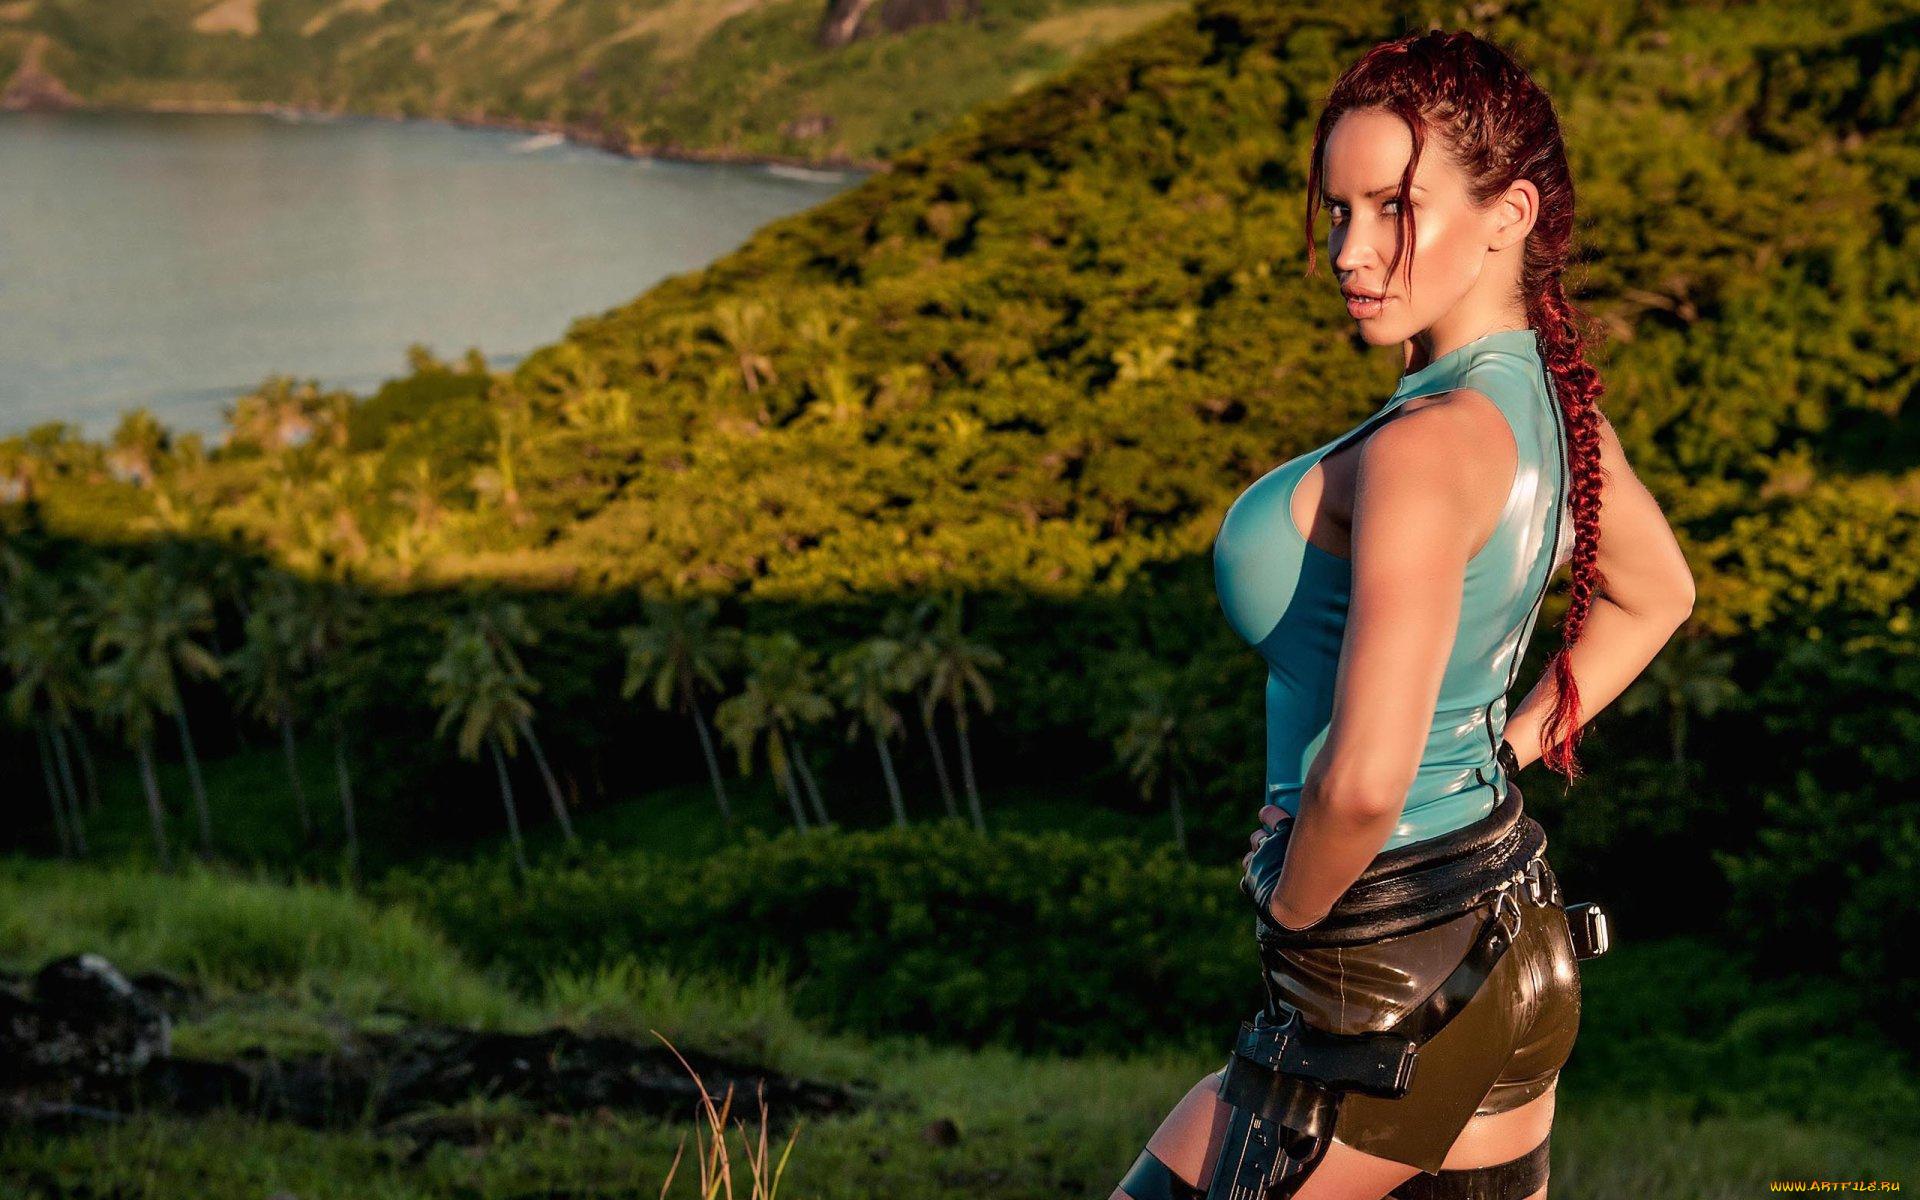 Lara croft as a slave xxx clip